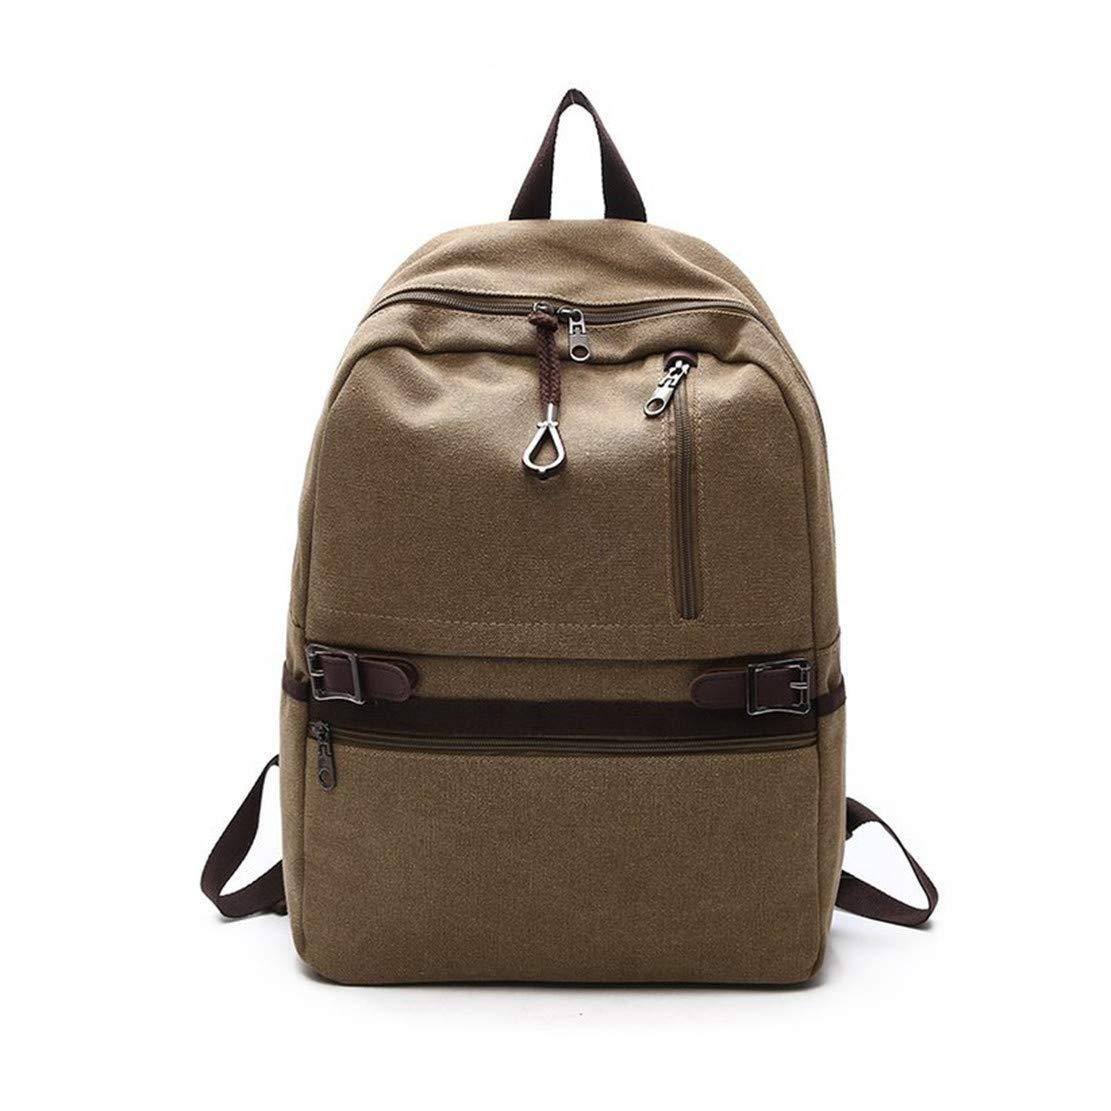 Layxi Grand Loisirs Sac de Voyage Hommes Sac d\'ordinateur Portable 14 Pouces Collège Sacs D\'école Mode Multi-Usage Backpack Toile Cartable